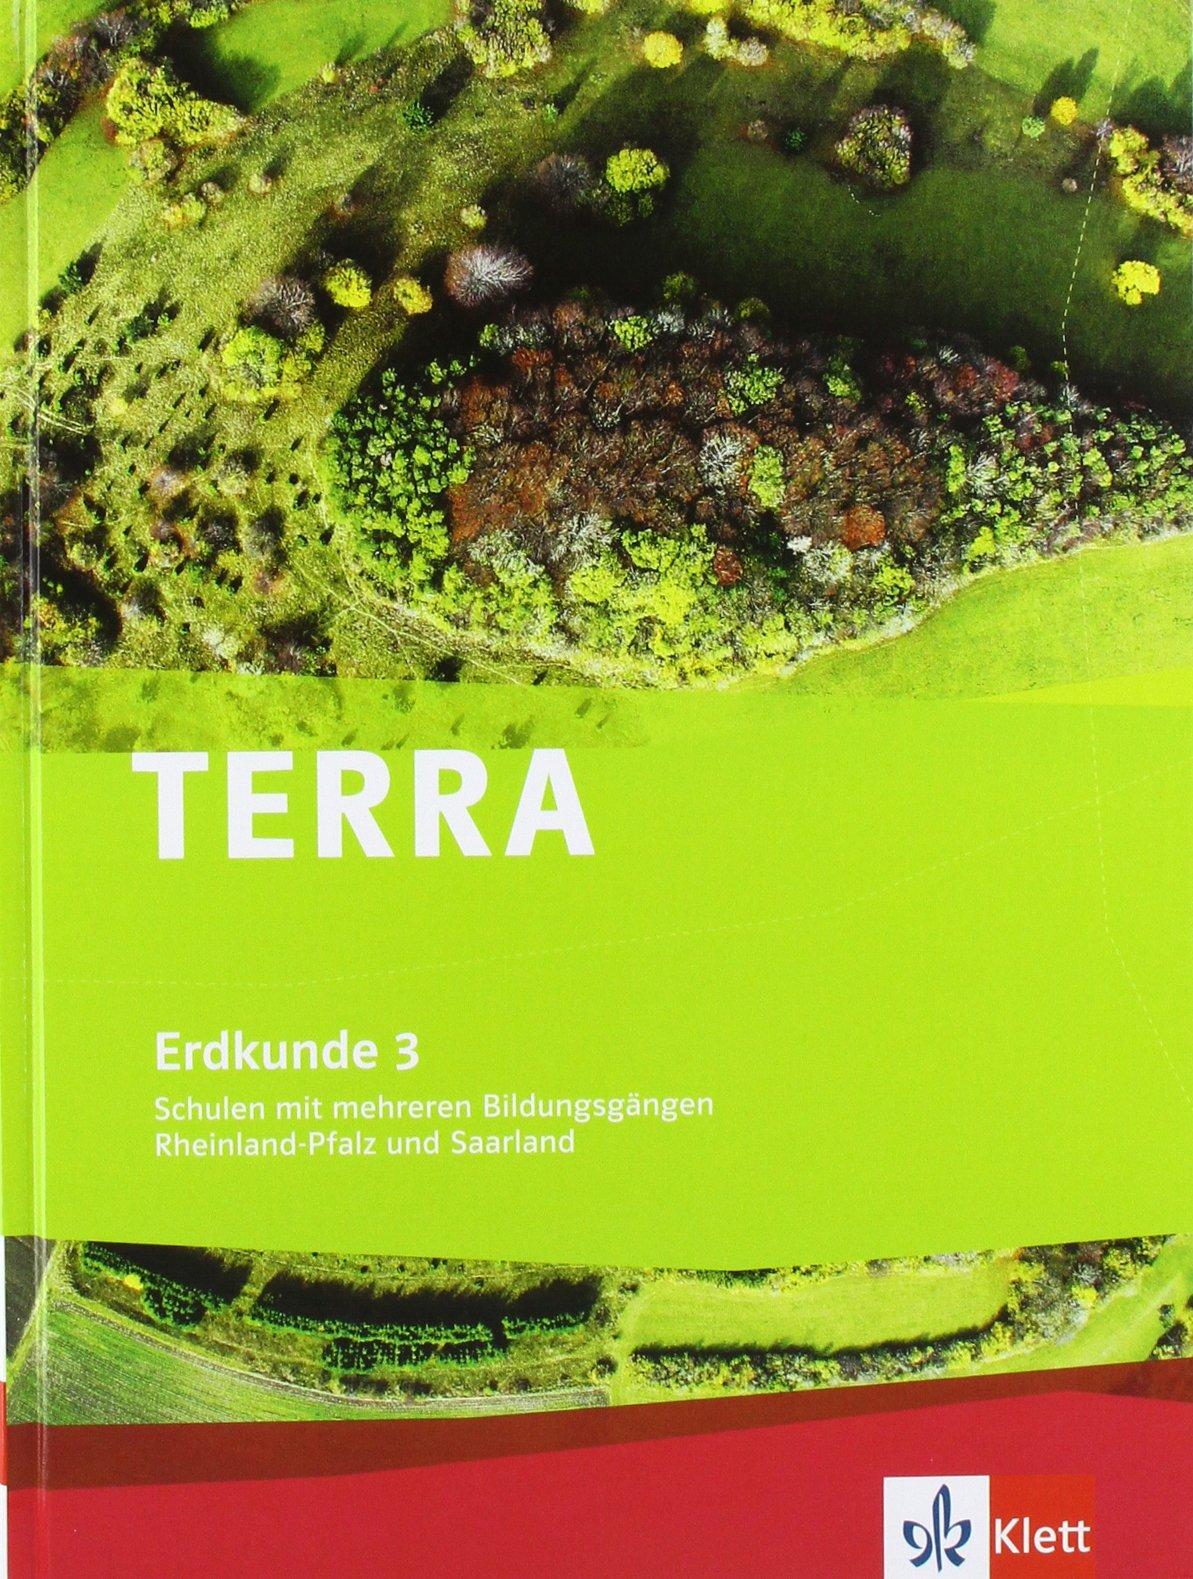 TERRA Erdkunde für Rheinland-Pfalz und Saarland - Ausgabe für Schulen mit mehreren Bildungsgängen: TERRA Erdkunde 3 für Rheinland-Pfalz und Saarland. ... Bildungsgängen. Schülerbuch 9./10. Schuljahr